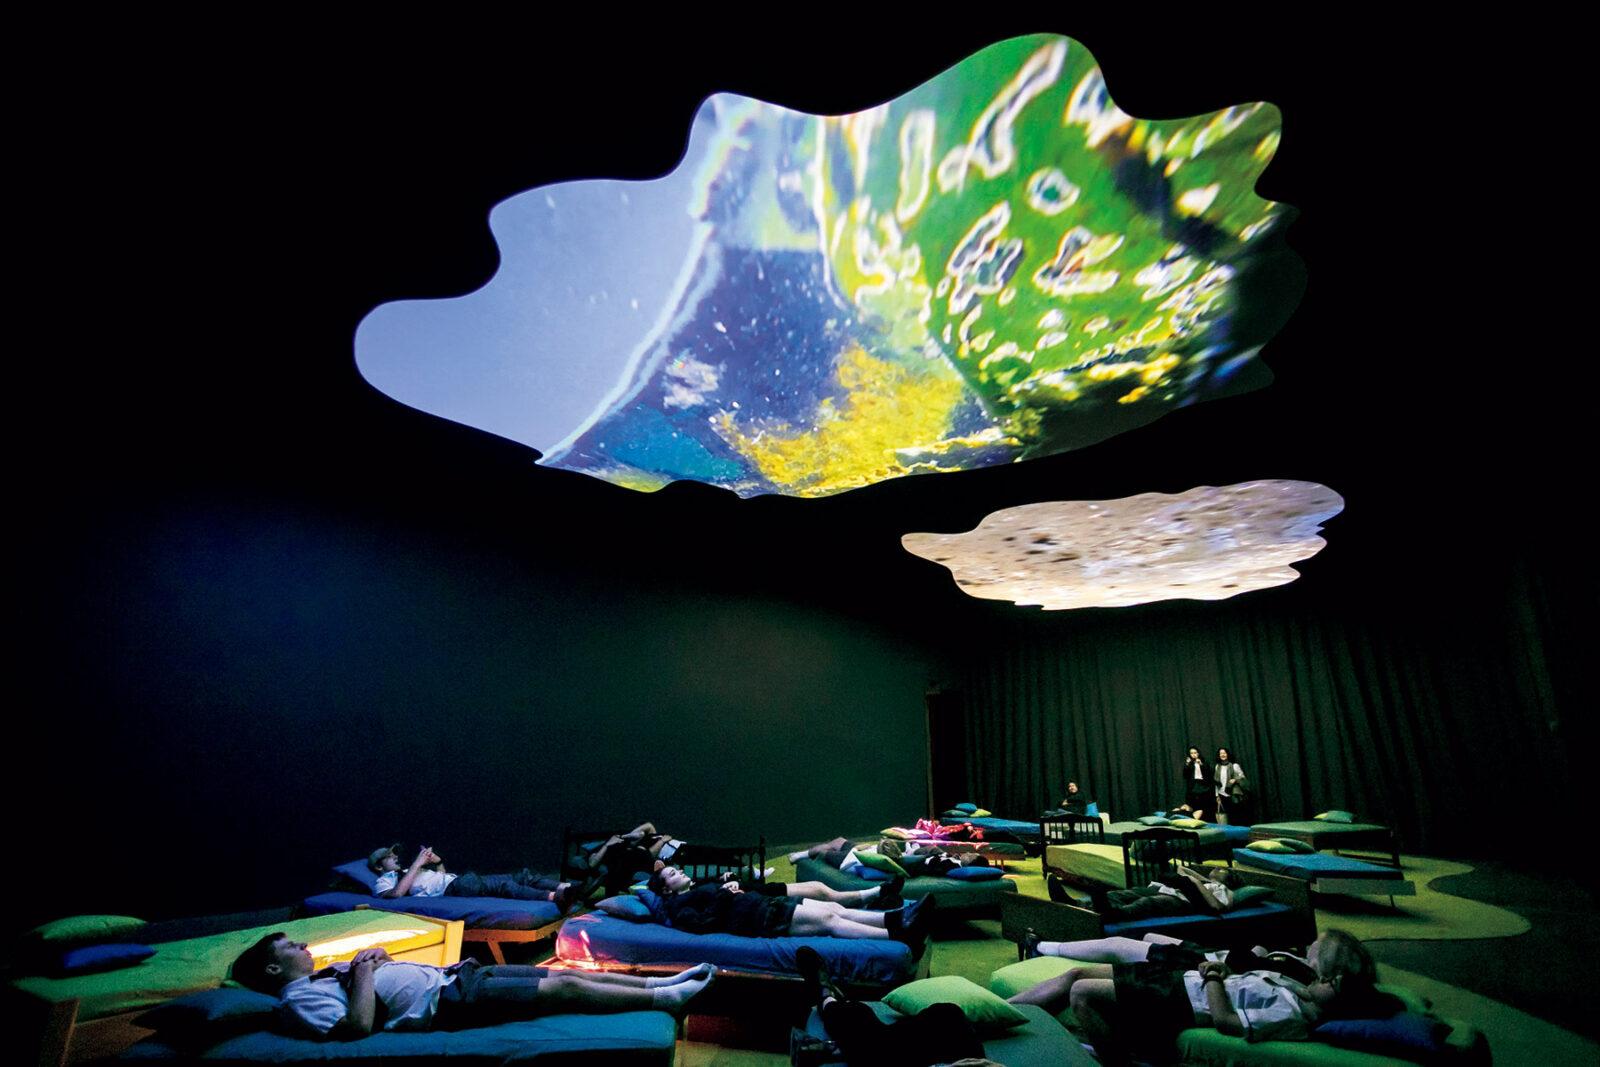 《4階から穏やかさへ向かって》2016年  「まるでモネの《睡蓮》を水の下側から見たような景色」が広がっていたという、ライン川の水中で撮影された断片的な映像。デンマークのテキスタイルメーカーKvadratのテキスタイルに覆われたベッドに横たわり鑑賞。  オーストラリア現代美術館での展示風景 Photo: Anna Kucera